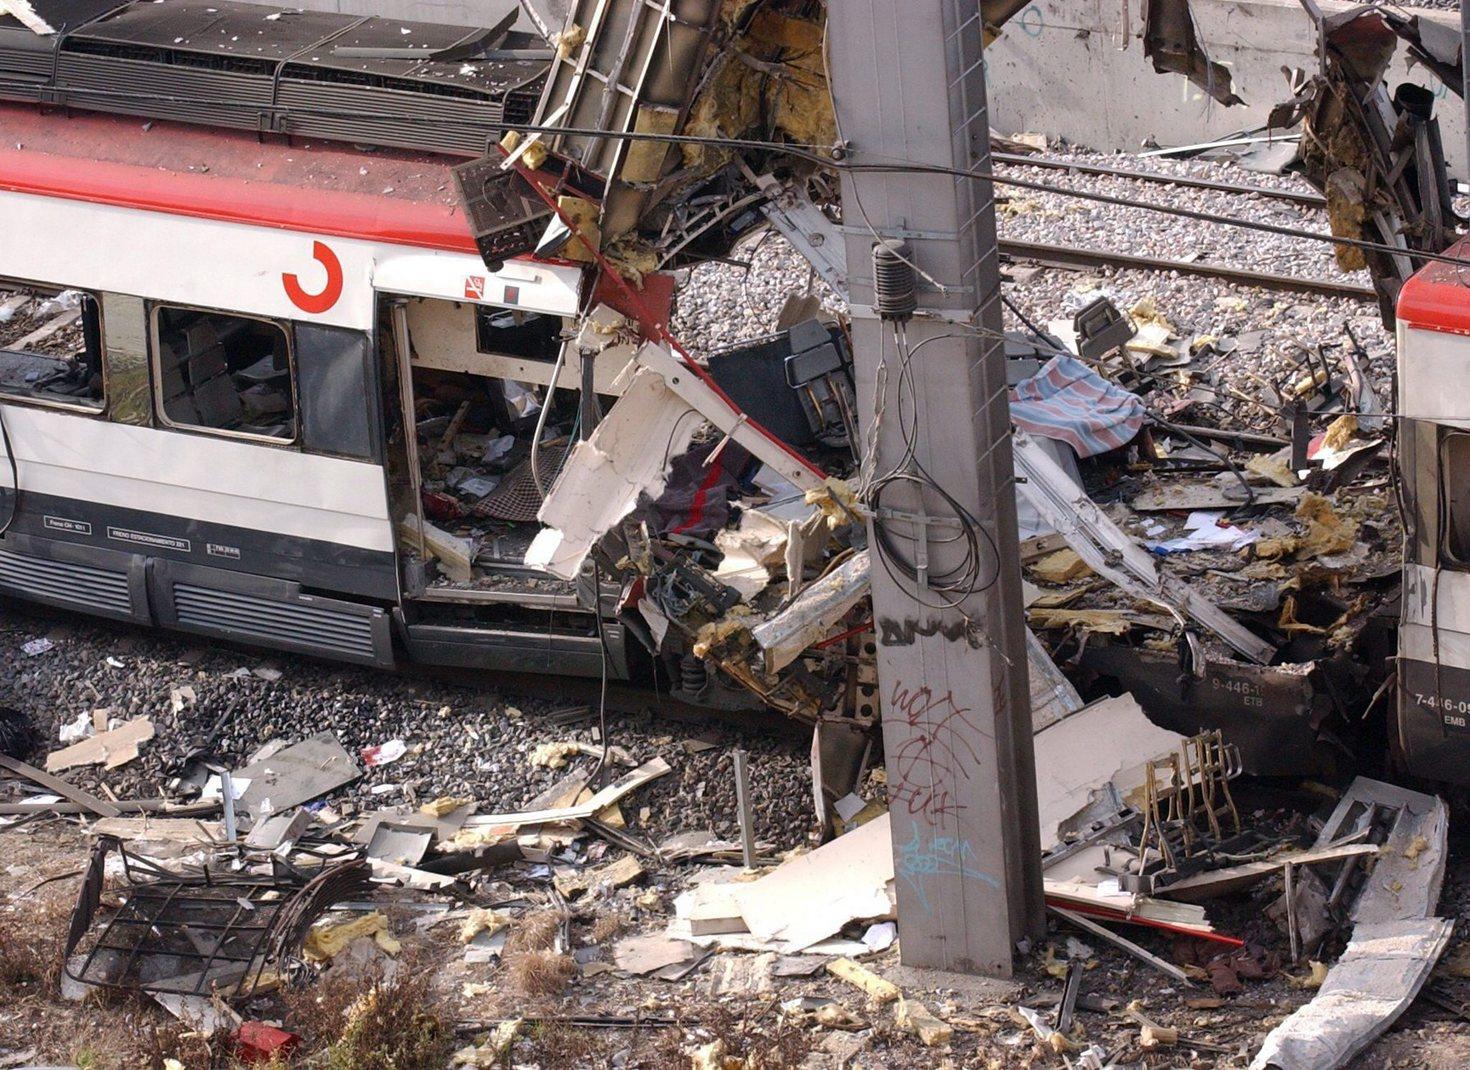 Negyvenezer évet kaptak az Európát elsőként megrázó merényletsorozat elkövetői